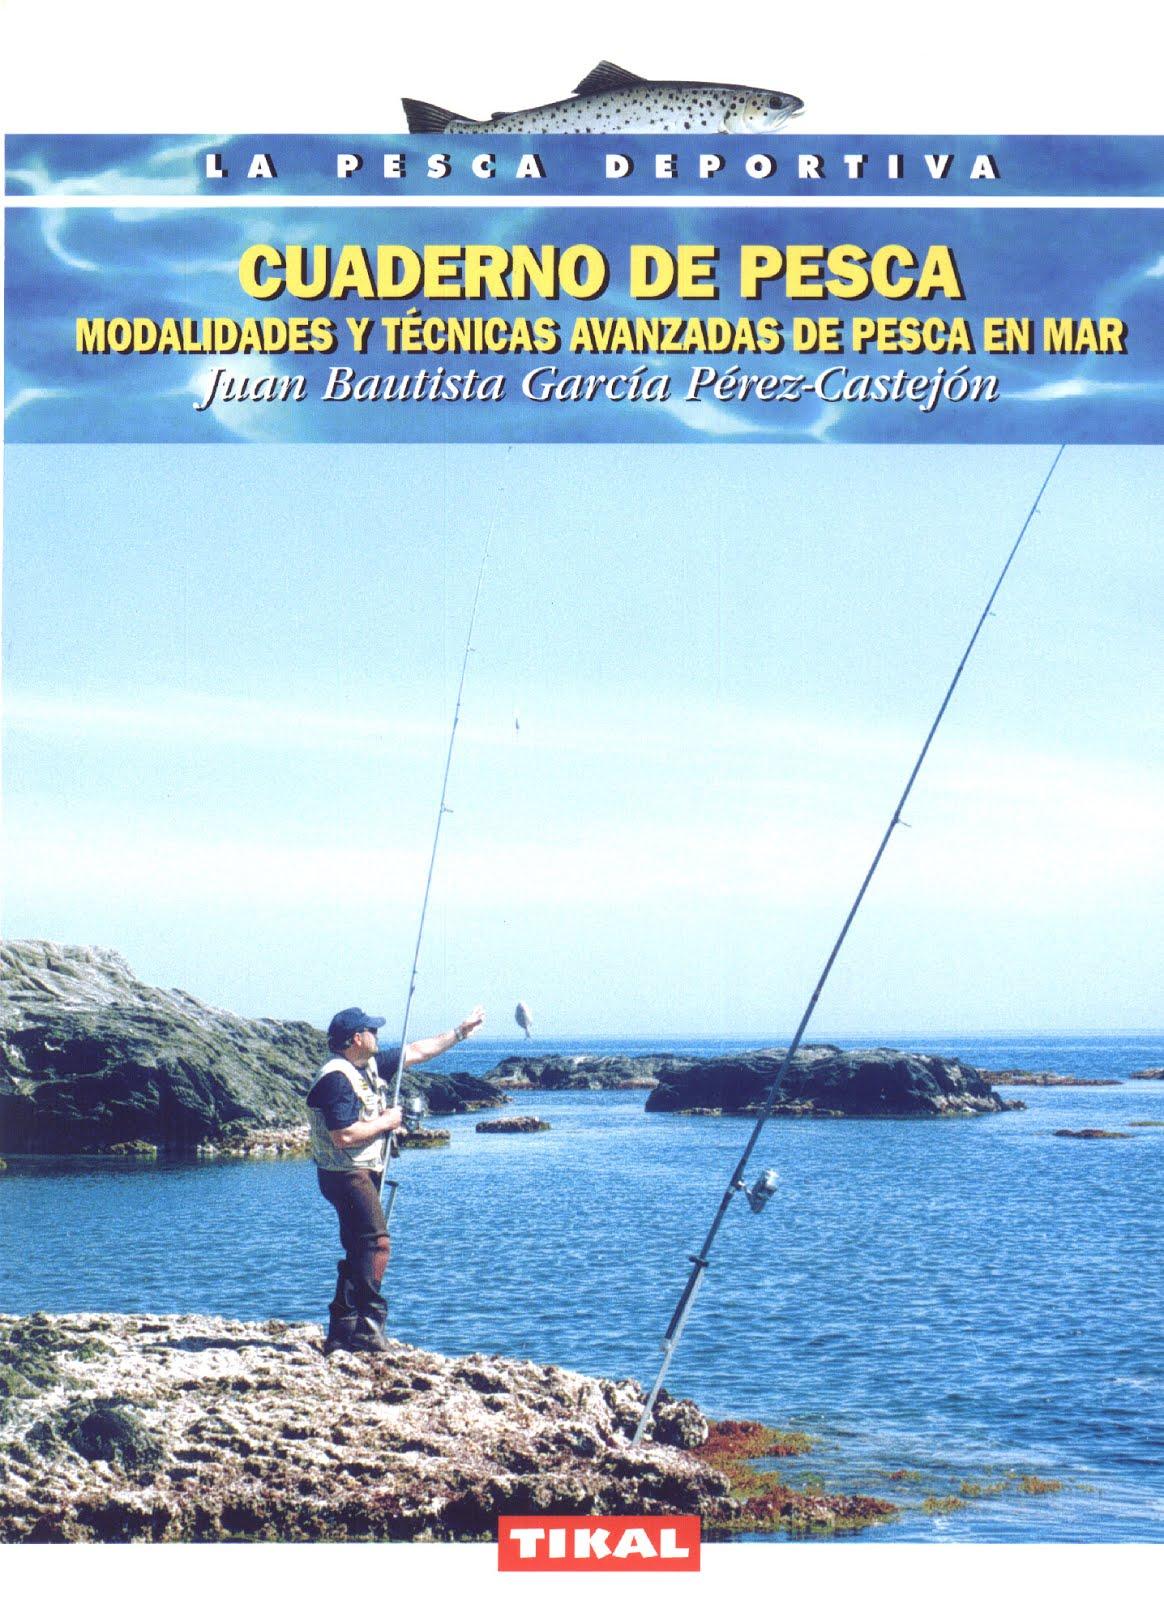 CUADERNO DE PESCA